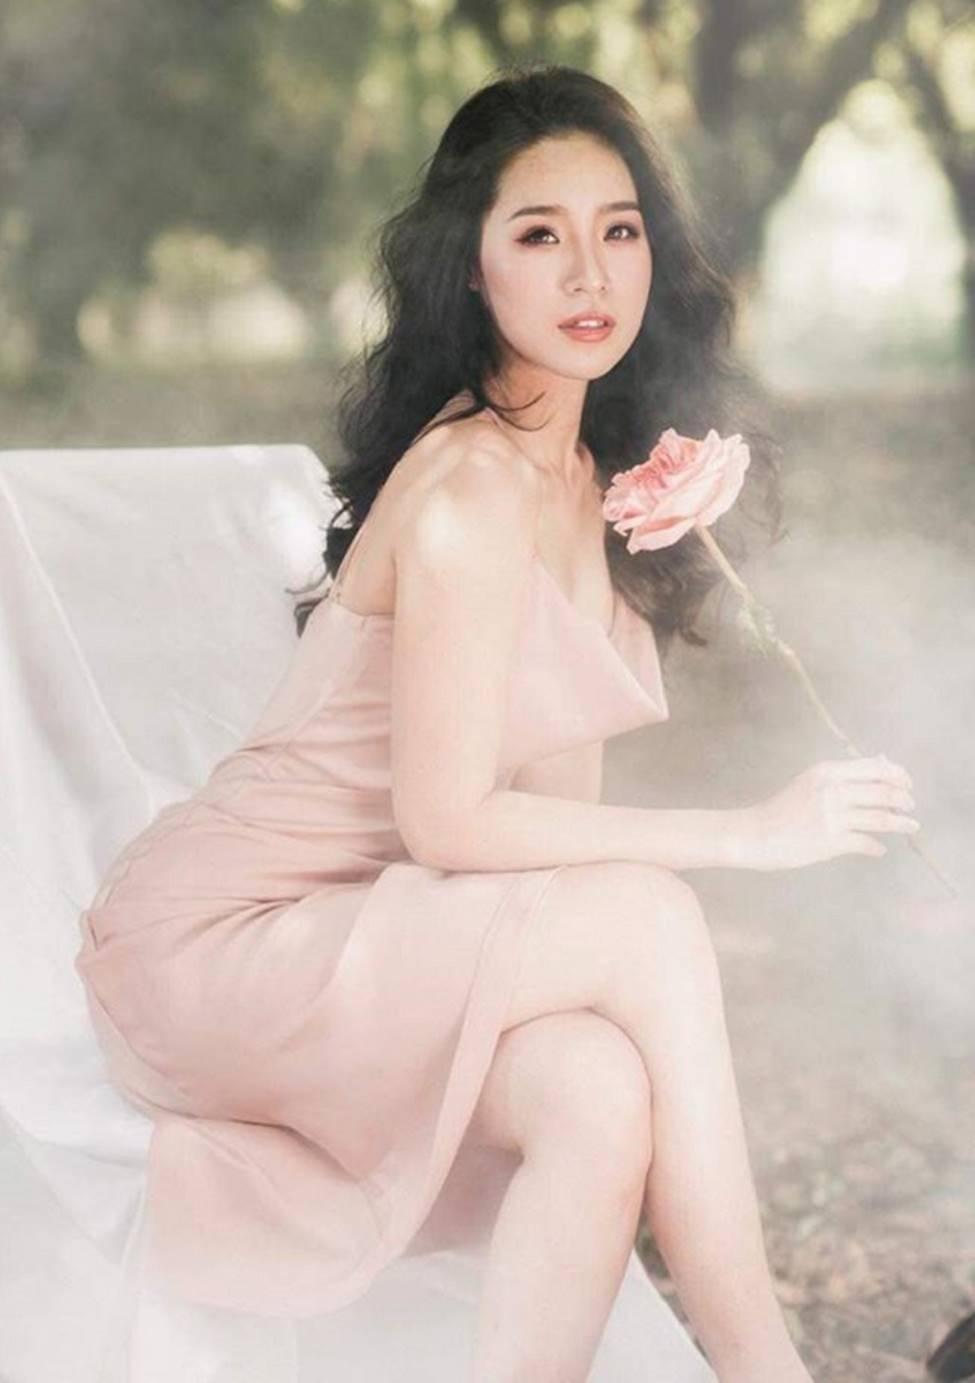 Nữ sinh 2000 đổ xô thi hoa hậu: Người đẹp Đà Nẵng giống Lưu Diệc Phi gây chú ý-19